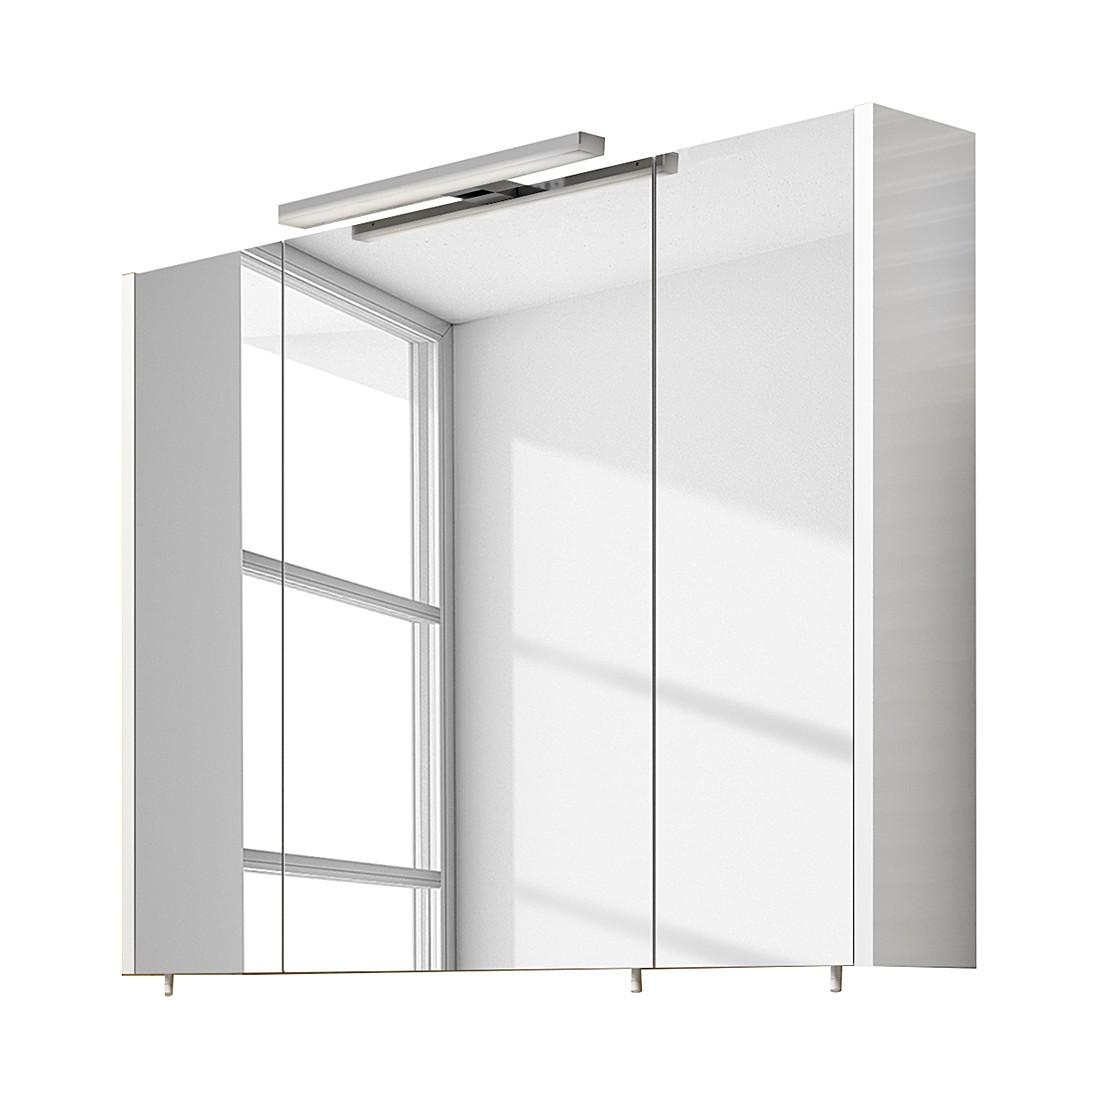 spiegelschrank rondino wei 80 cm aqua suite online kaufen. Black Bedroom Furniture Sets. Home Design Ideas